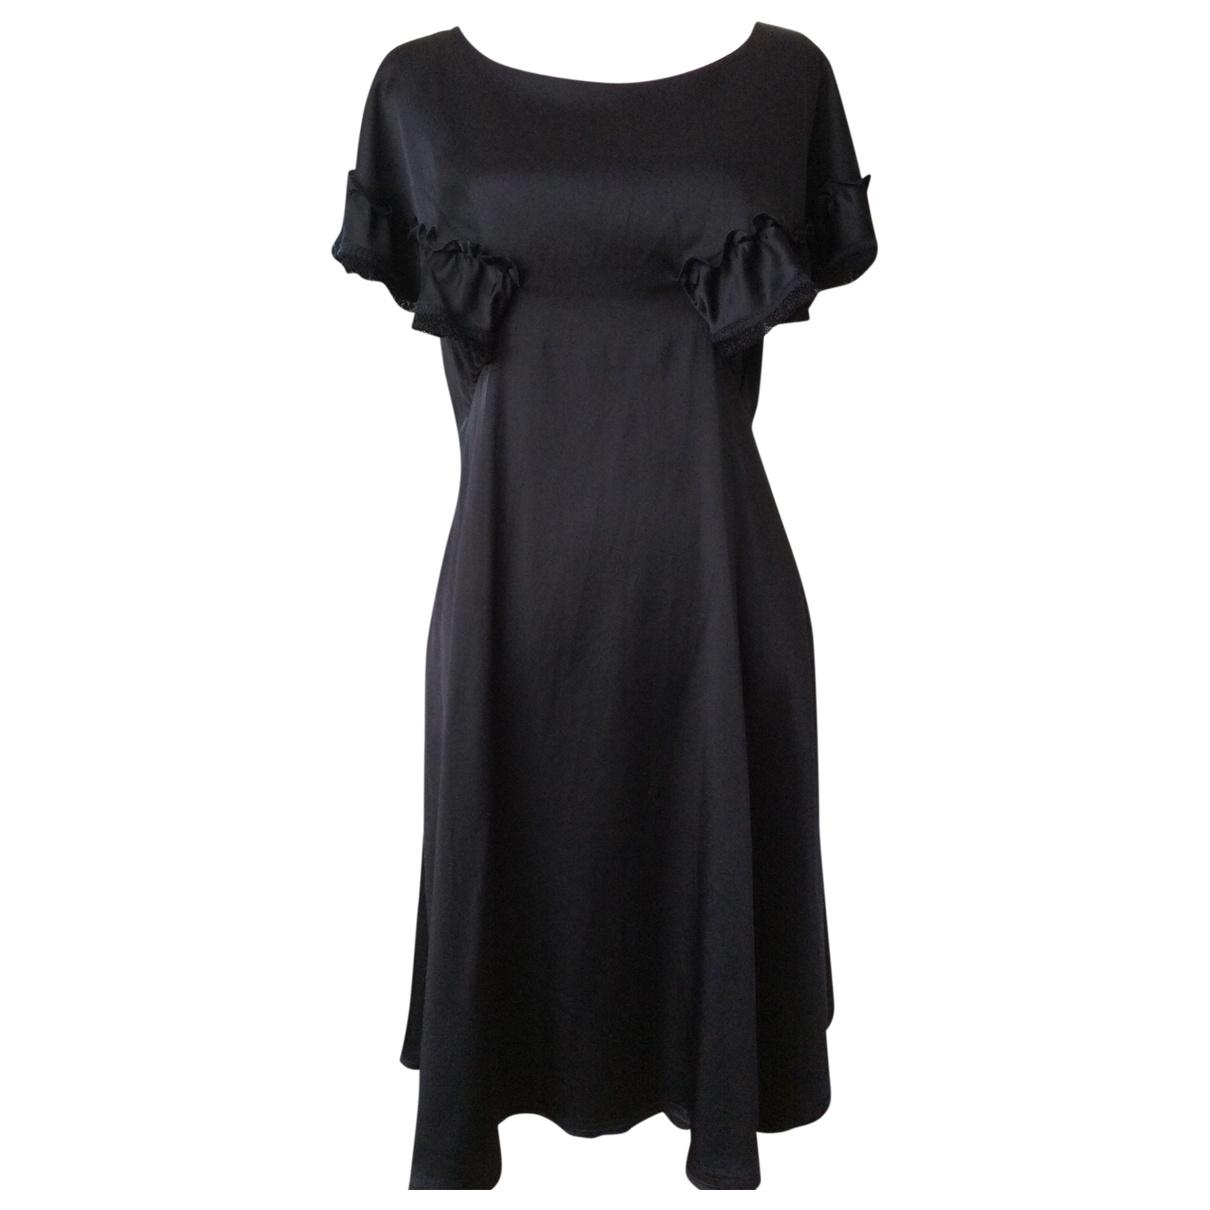 Miu Miu \N Black dress for Women 38 FR